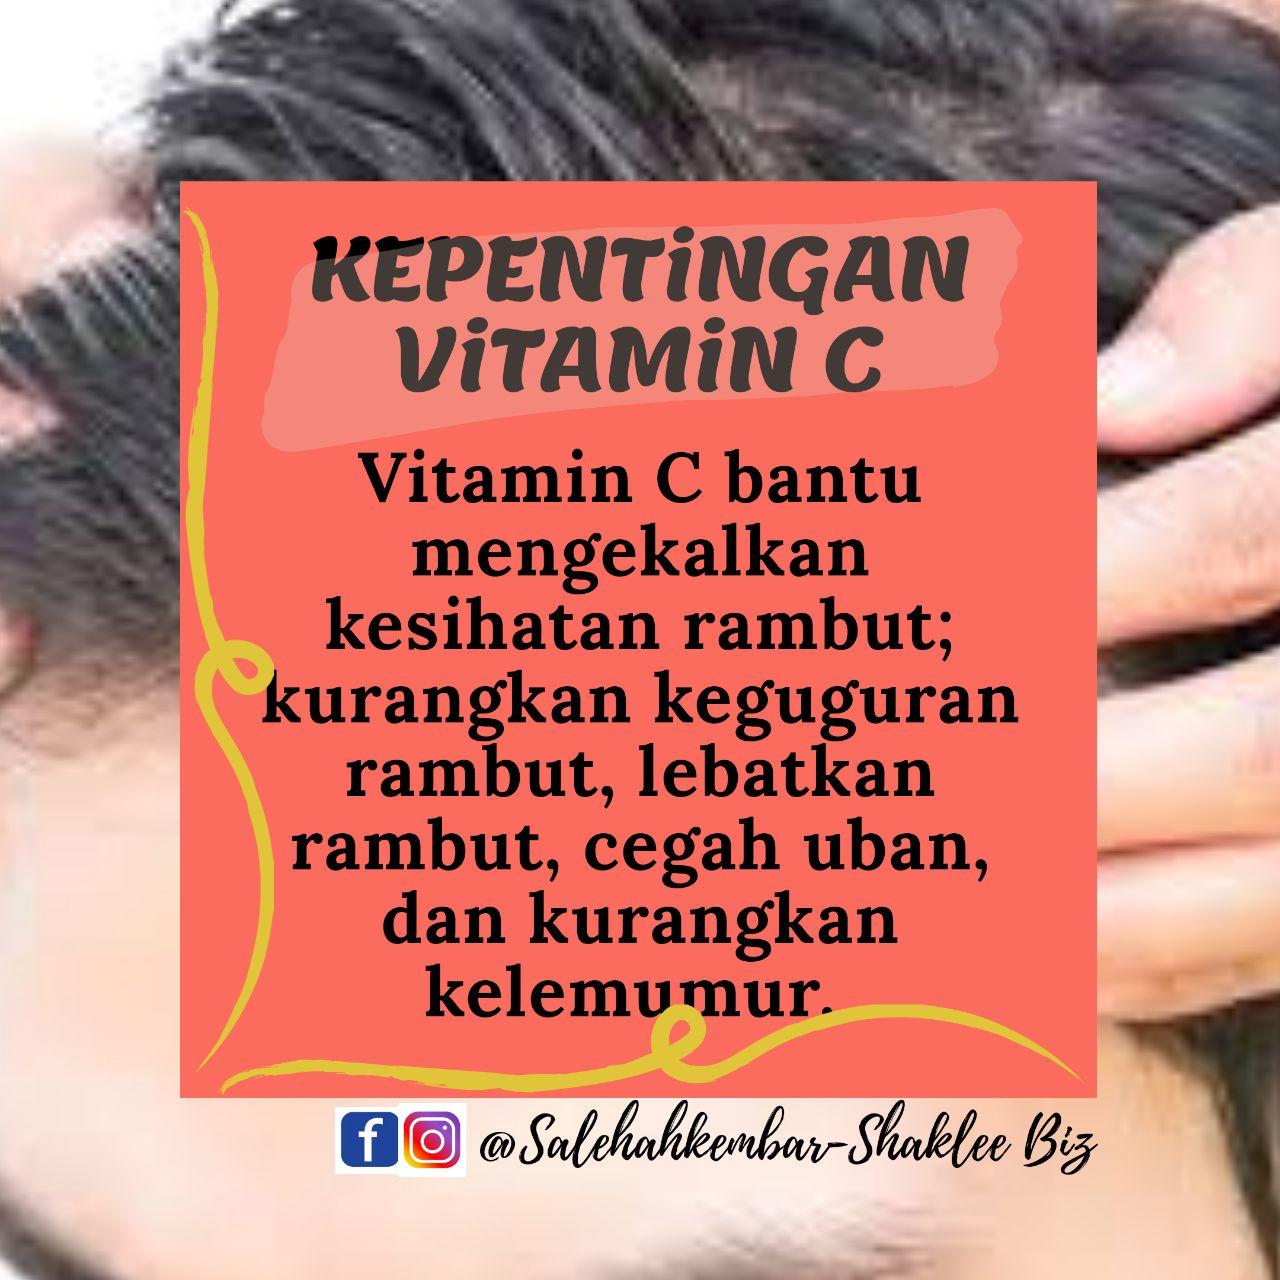 Kepentingan vitamin c, vitamin c penting, manfaat vitamin c, vitamin c terbaik